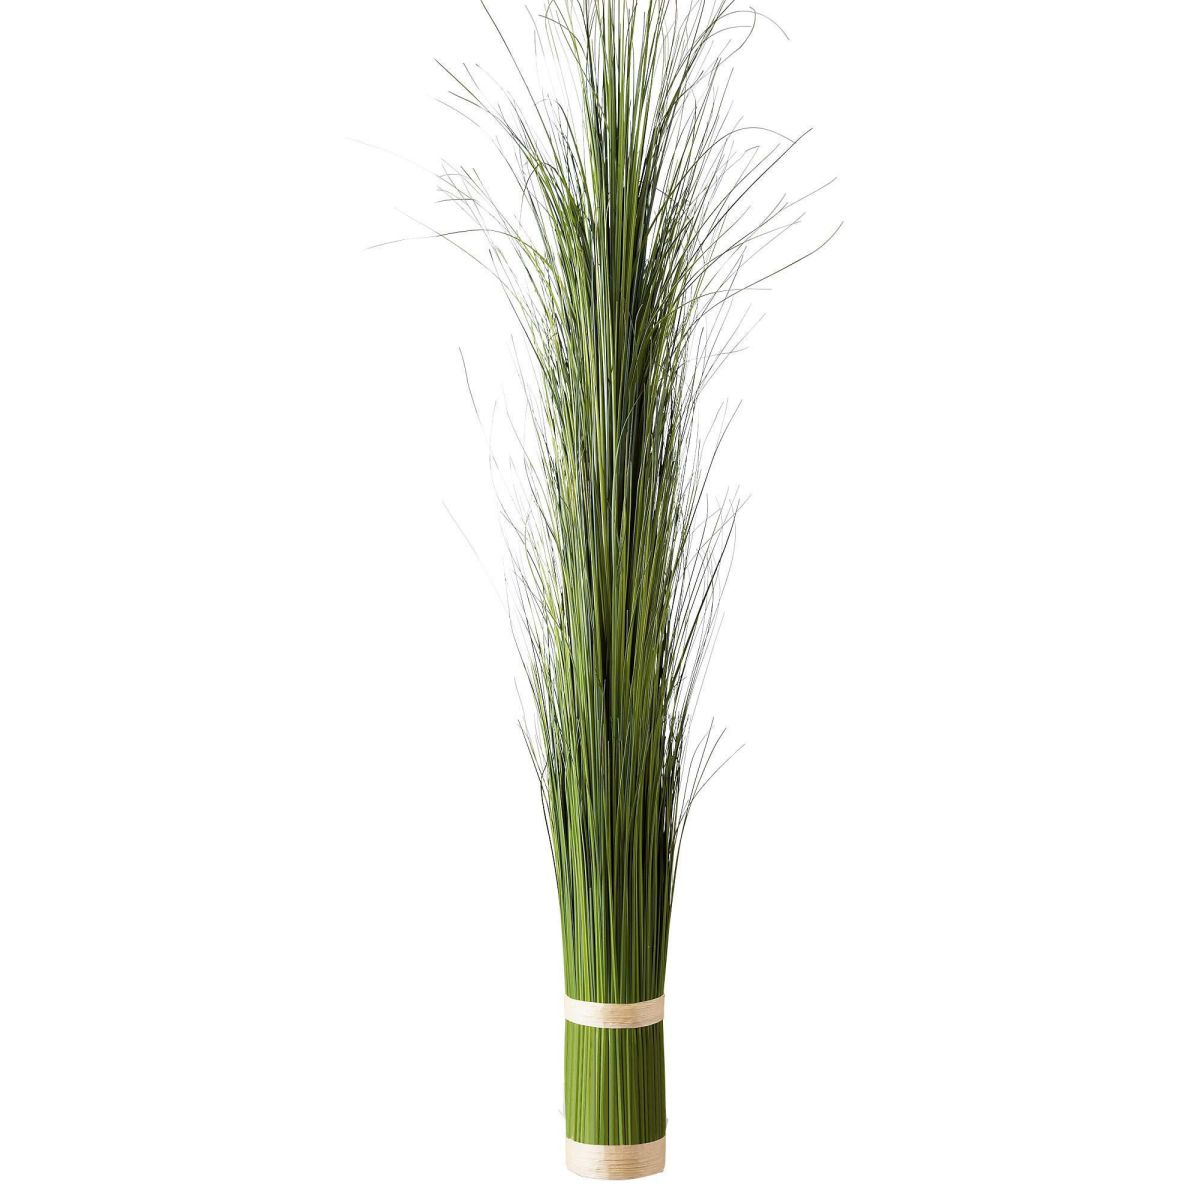 kunstpflanze grasb ndel 110cm einfach geschenke. Black Bedroom Furniture Sets. Home Design Ideas